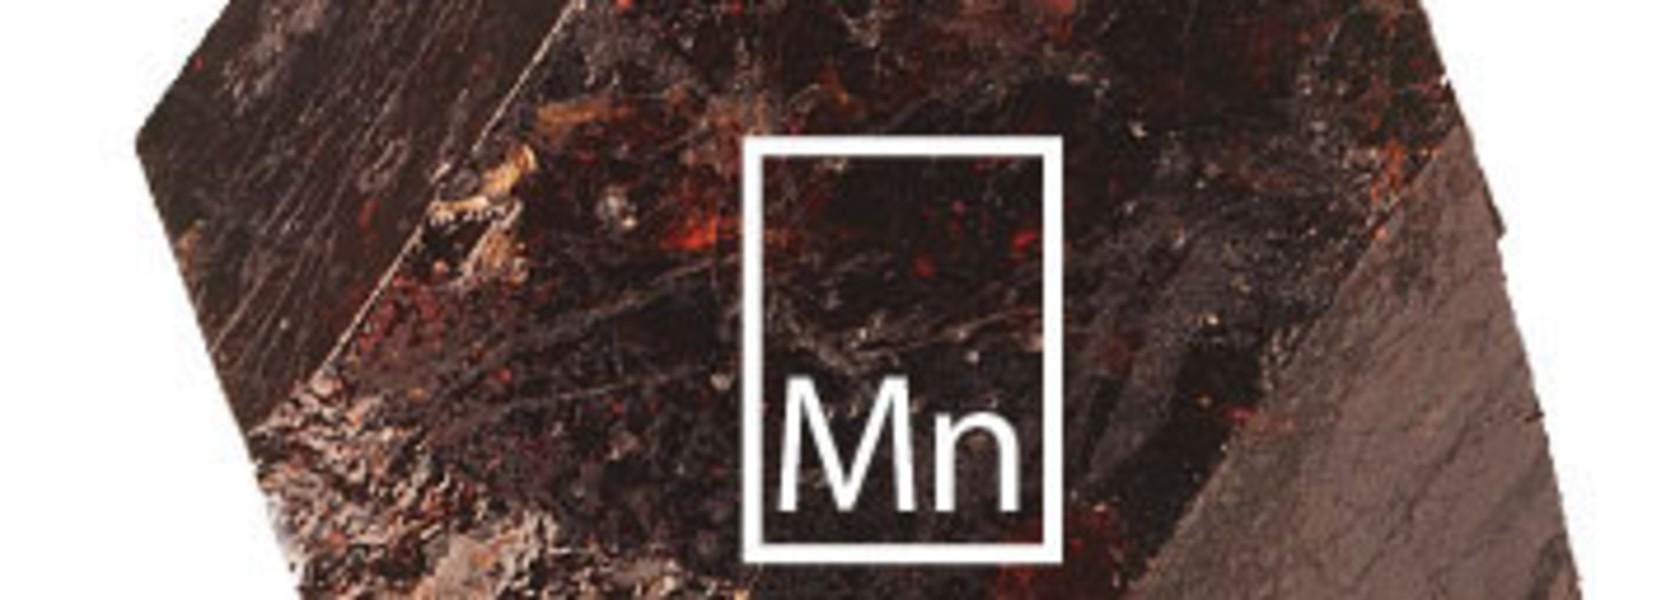 Análise manganês